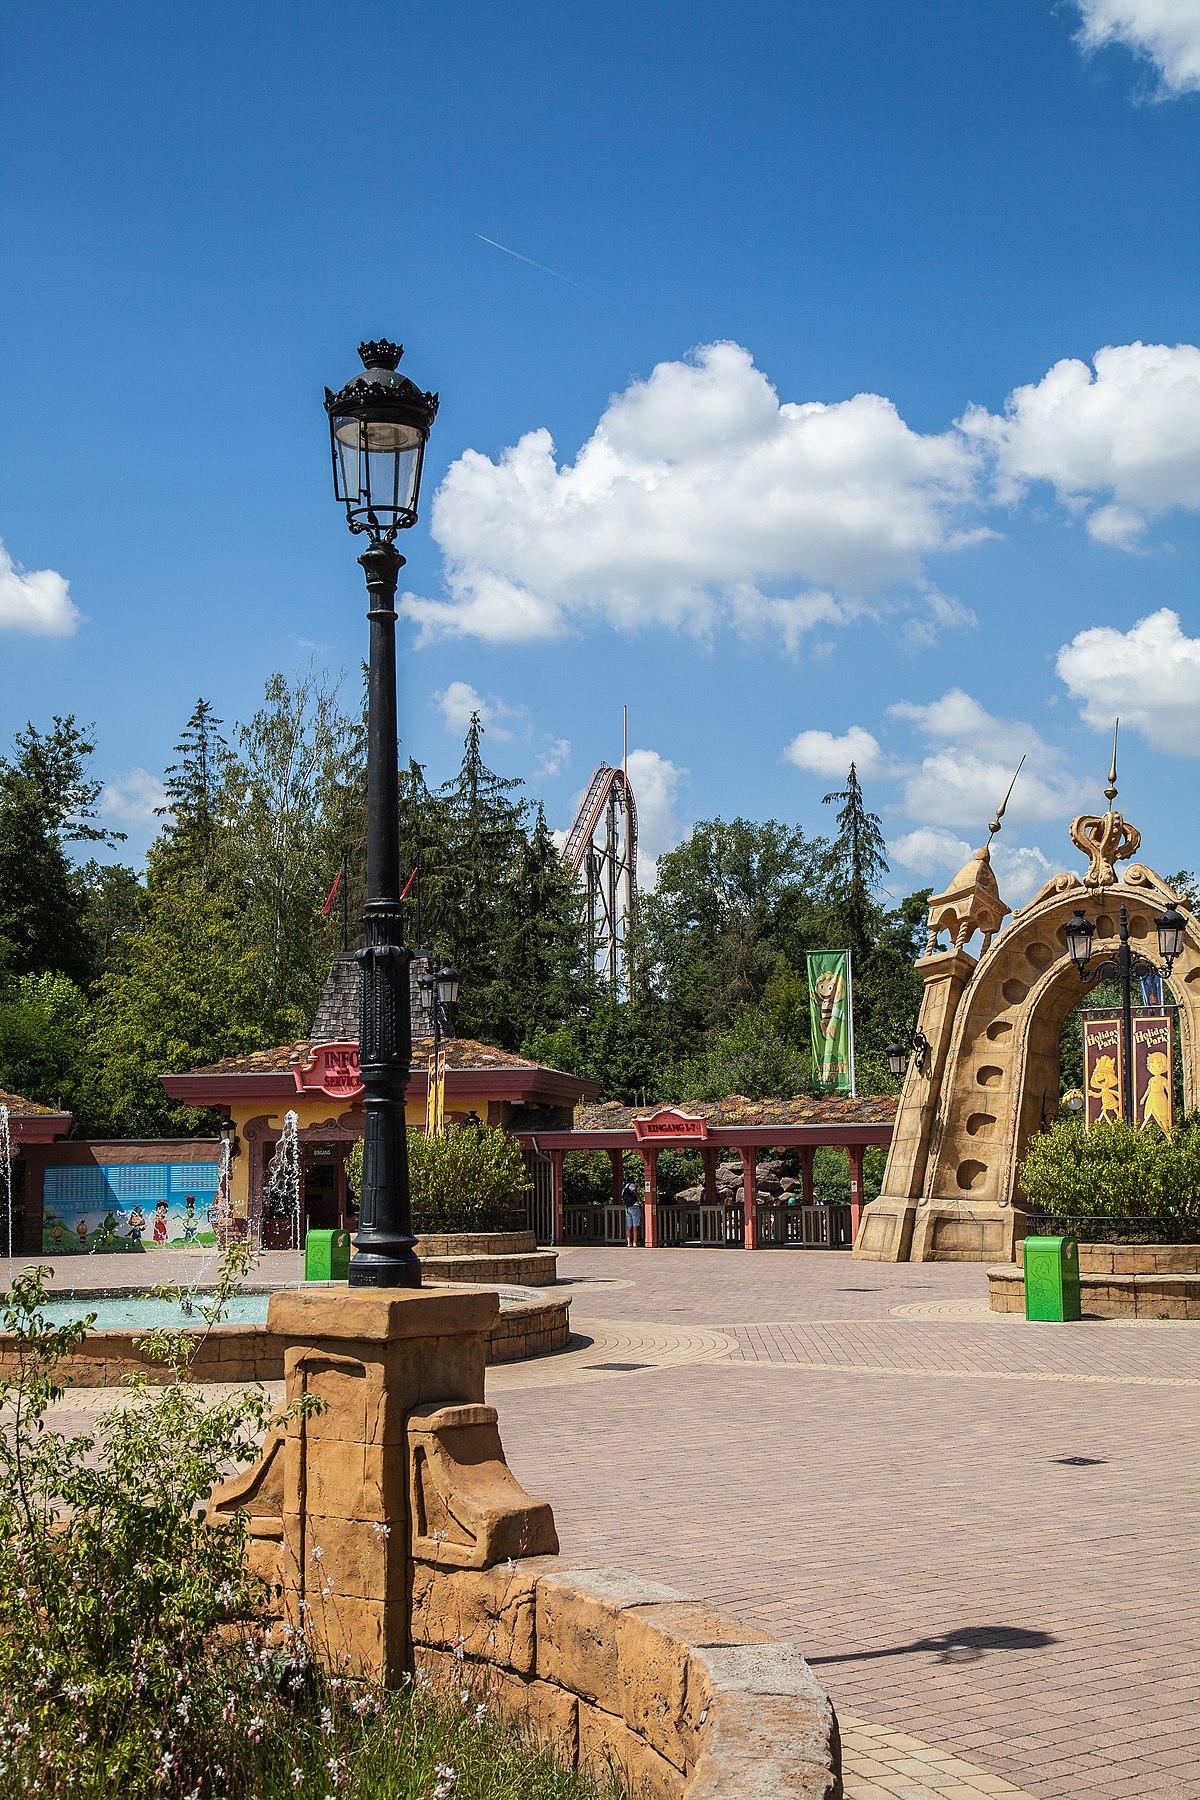 Holiday park achterbahn